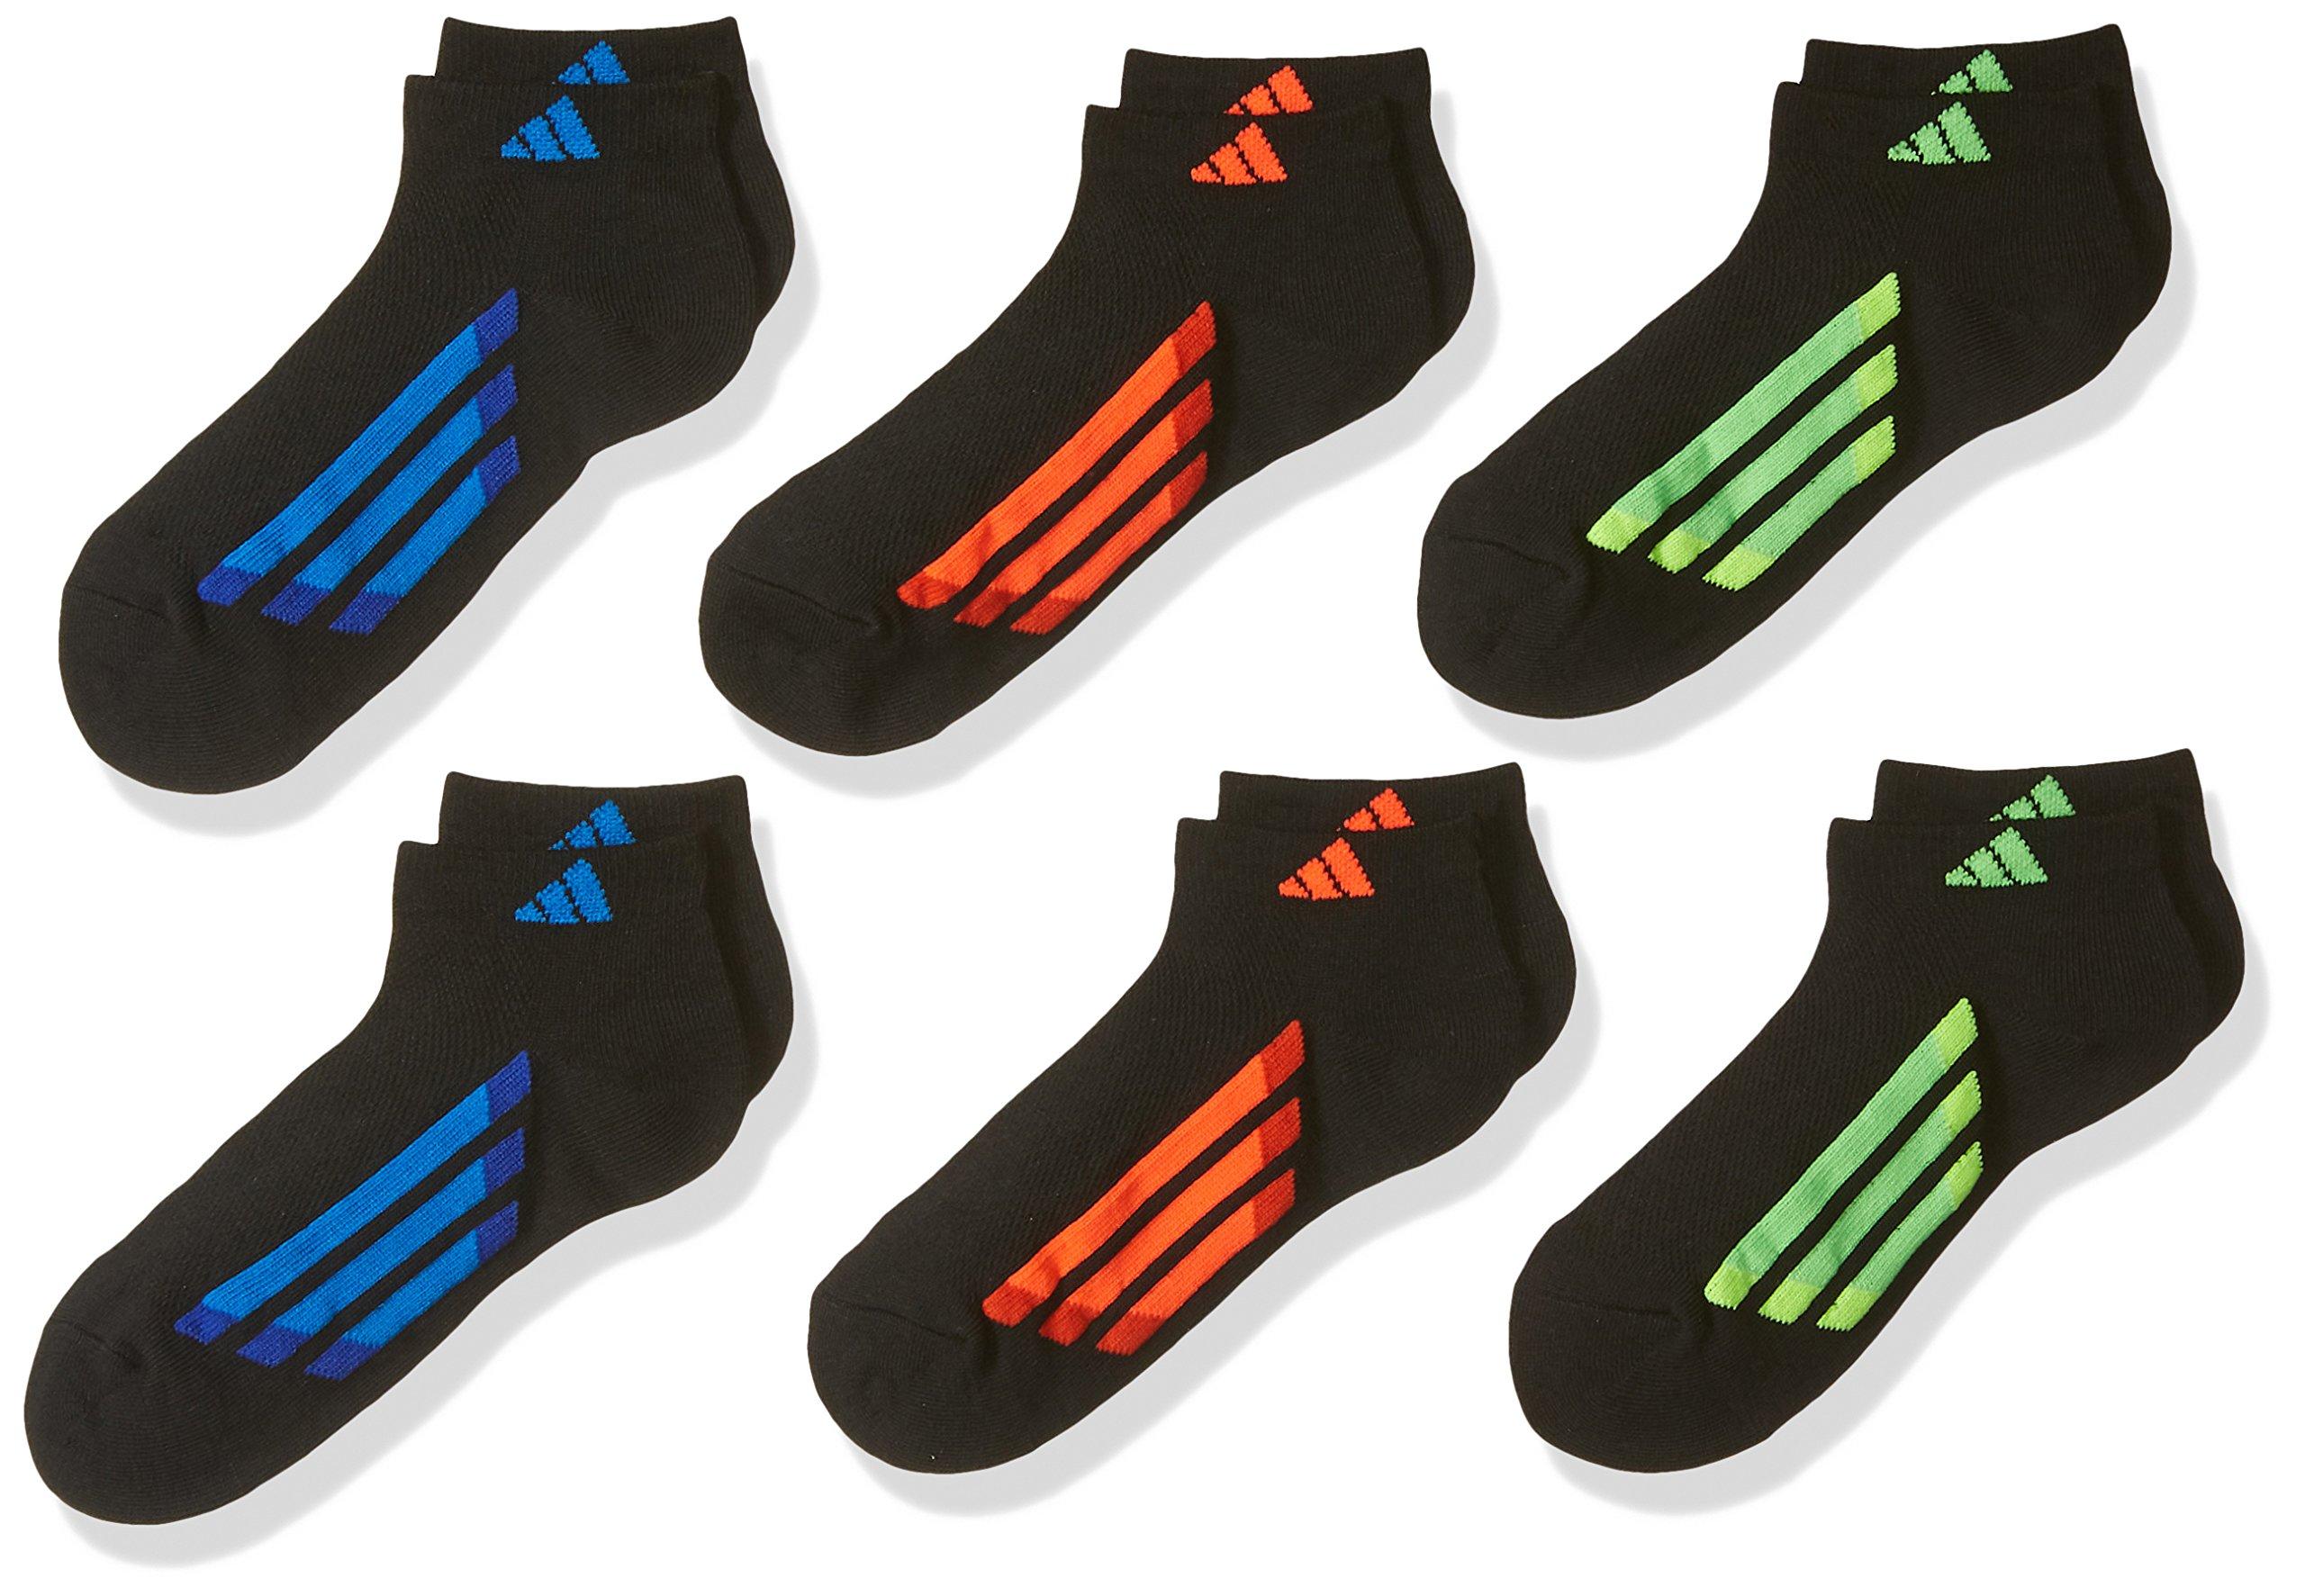 adidas Youth Kids-Boy's/Girl's Cushioned Low Cut Socks (6-Pair), Black/Solar Red/Bold Orange/Solar Green/Solar Yell, Medium, (Shoe Size 13C-4Y) by adidas